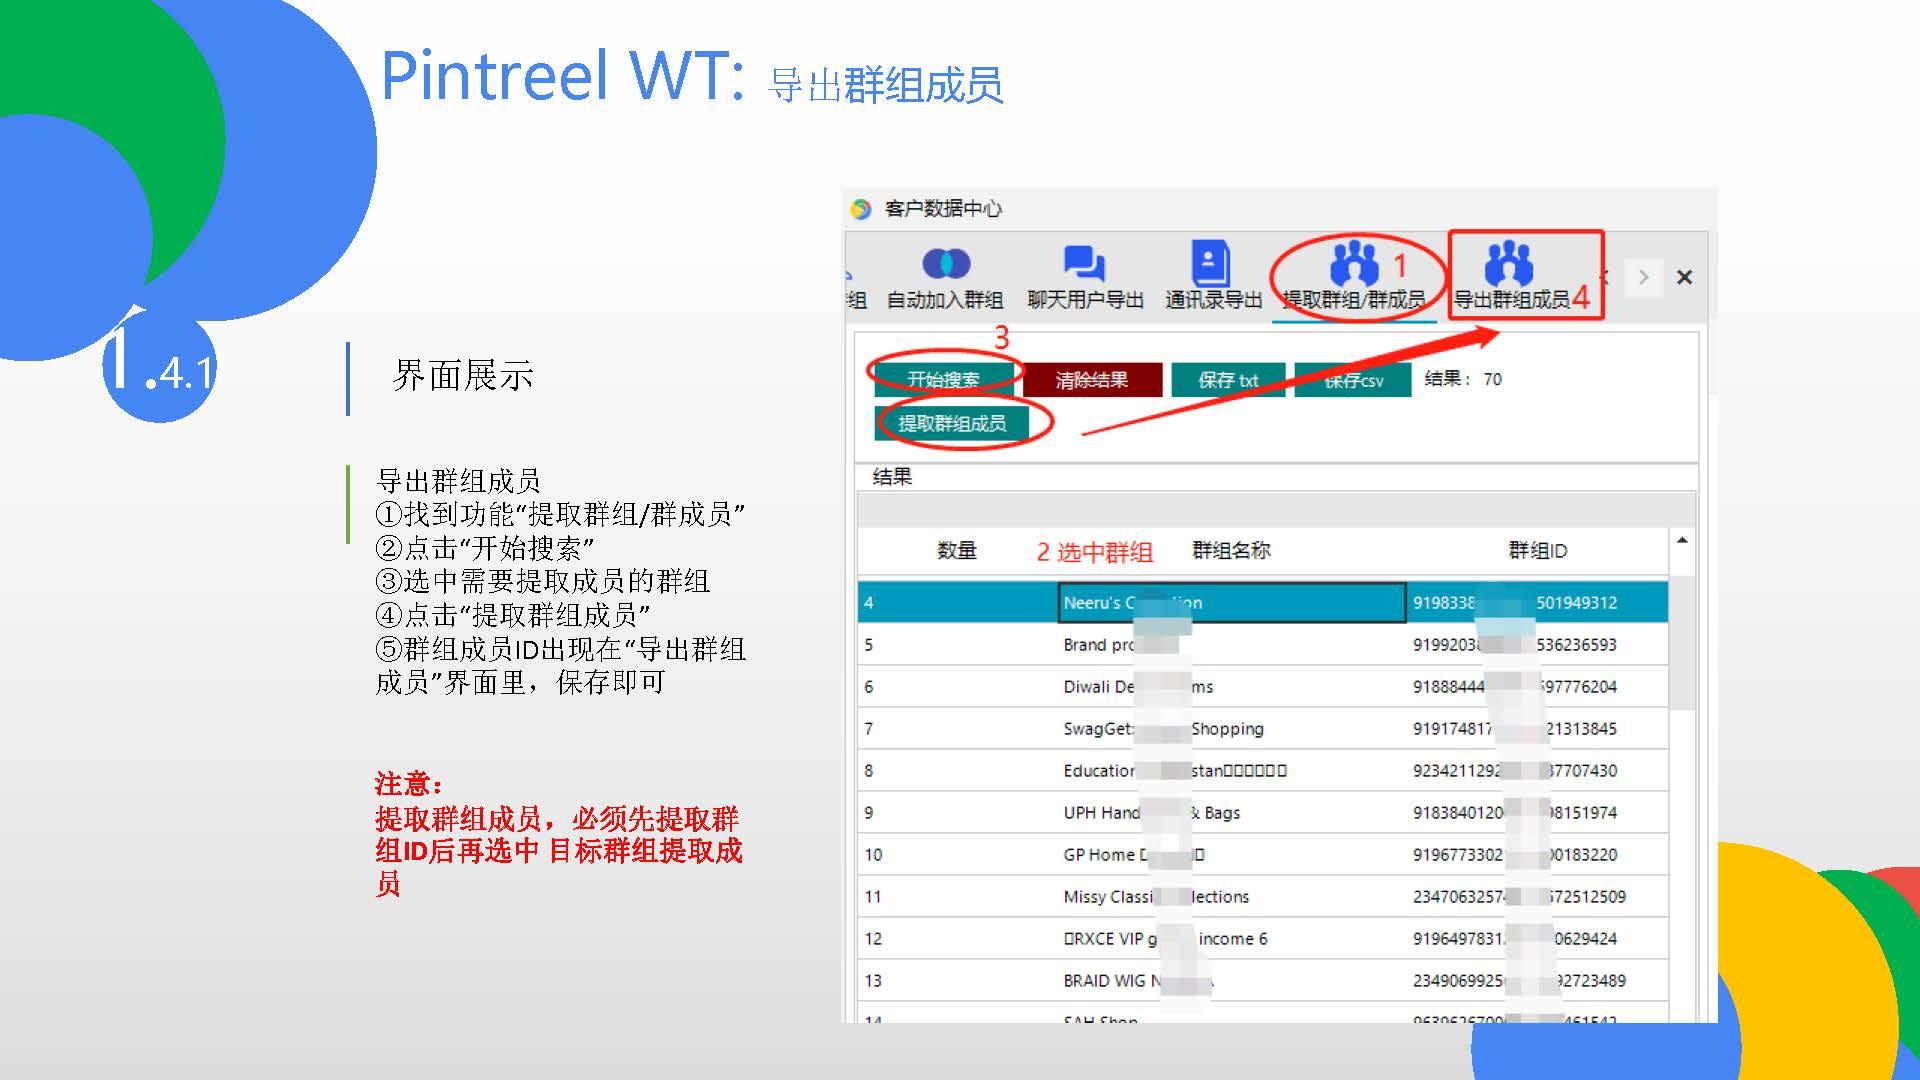 Pintreel WT 使用教程4.0_页面_10